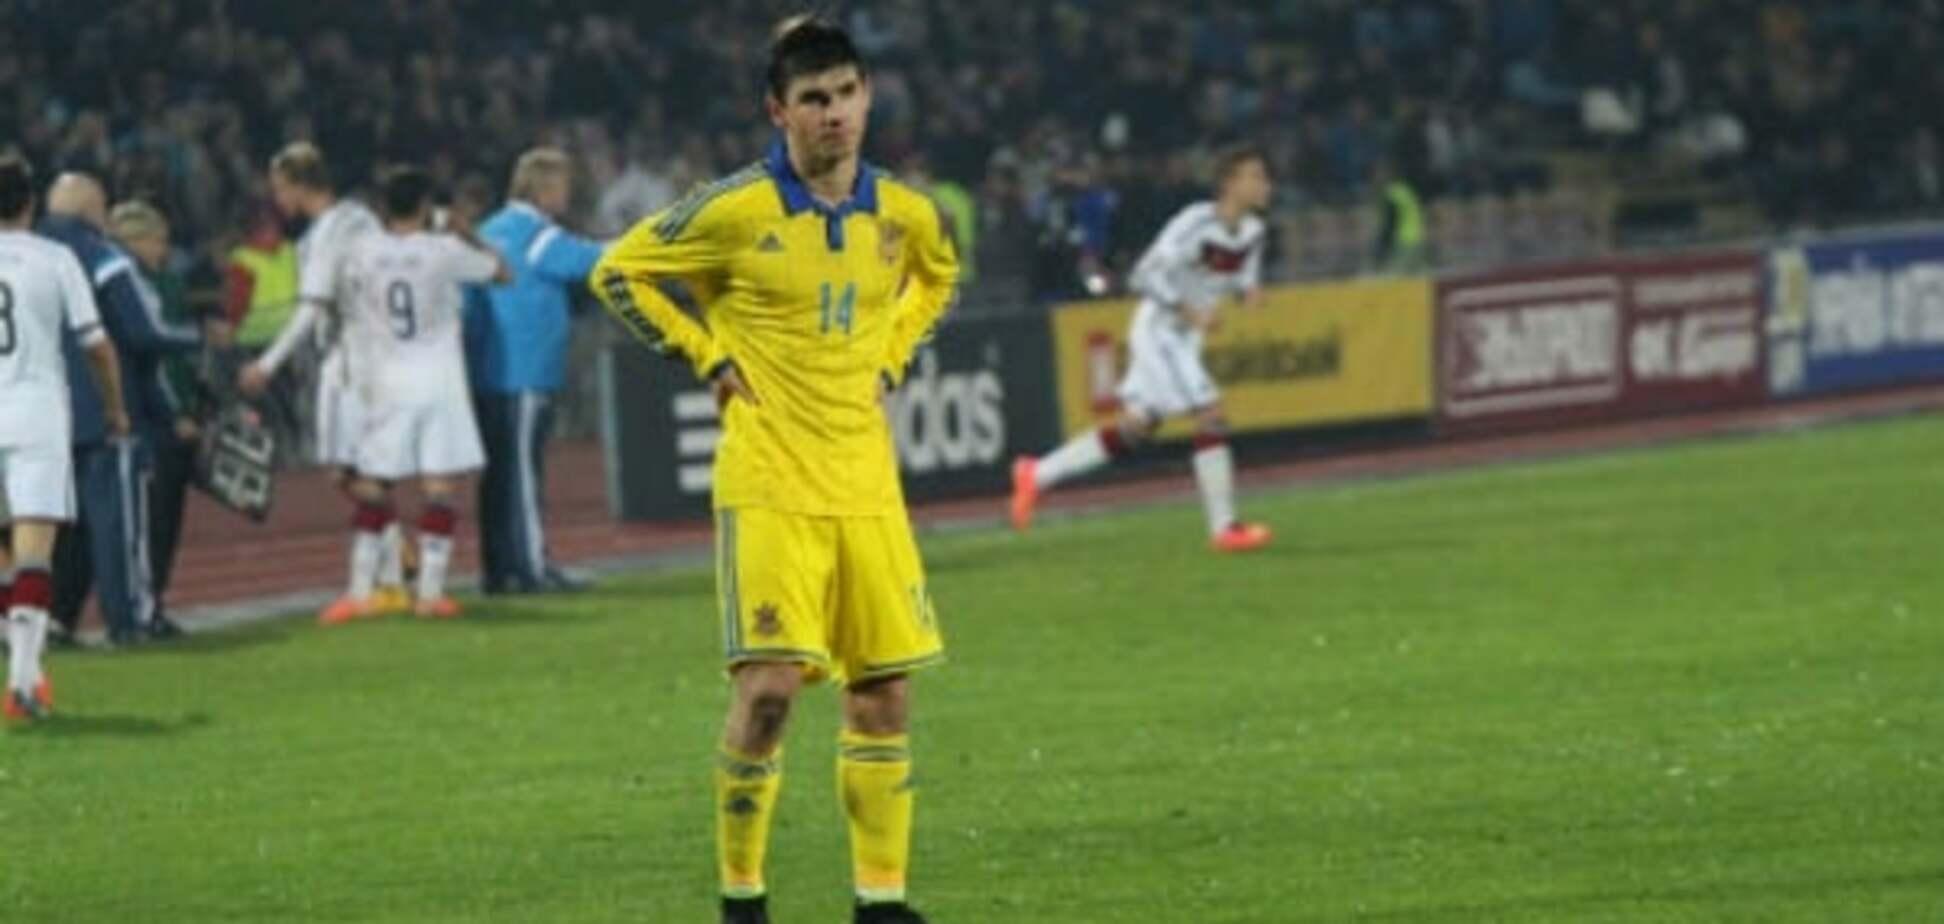 Прощавай, Євро-2016: лікарі поставили невтішний діагноз футболісту збірної України